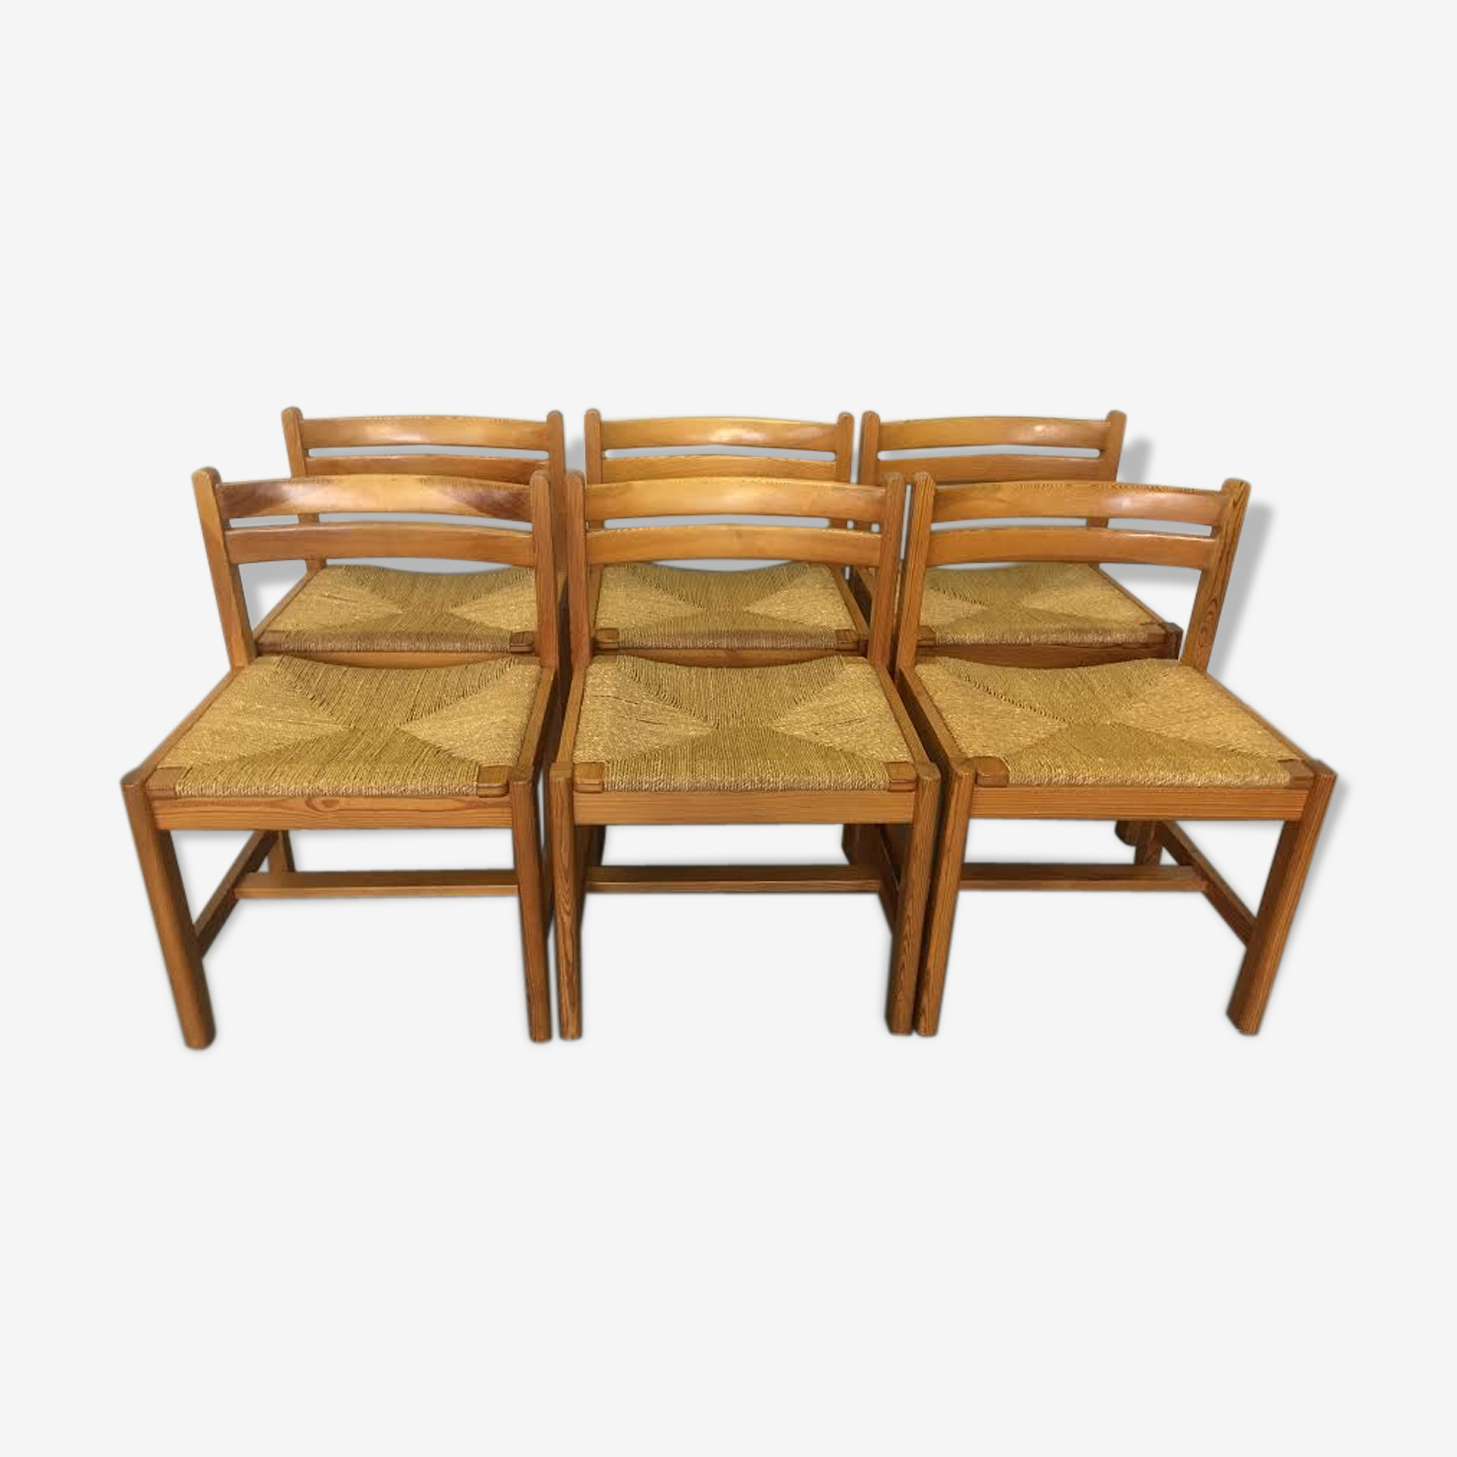 Série de 6 chaises bois brut moderniste scandinave Borge Mogensen